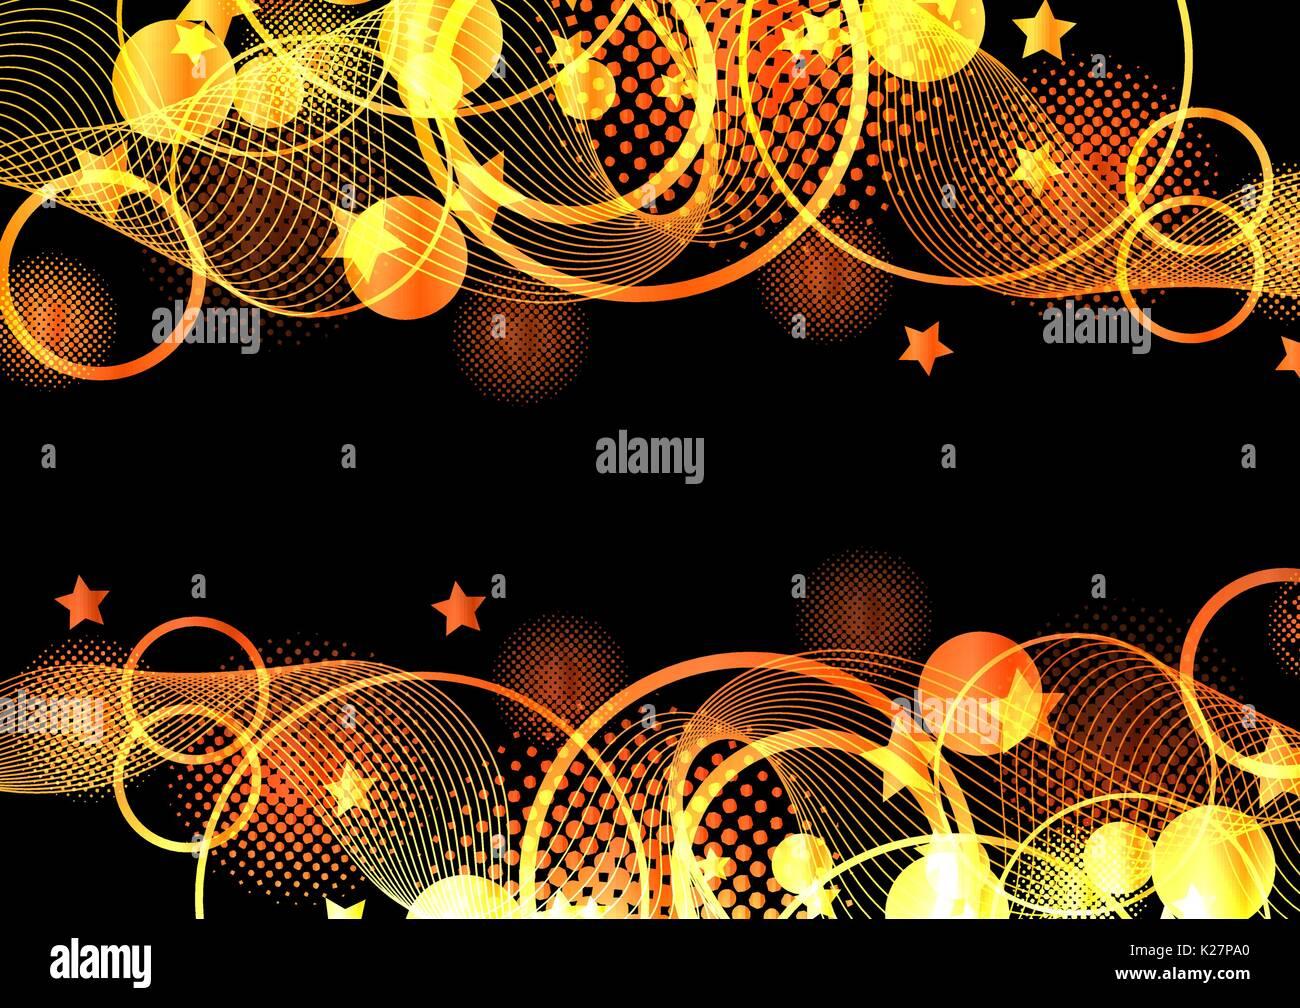 Naranja y negro abstracto antecedentes vectoriales Imagen De Stock